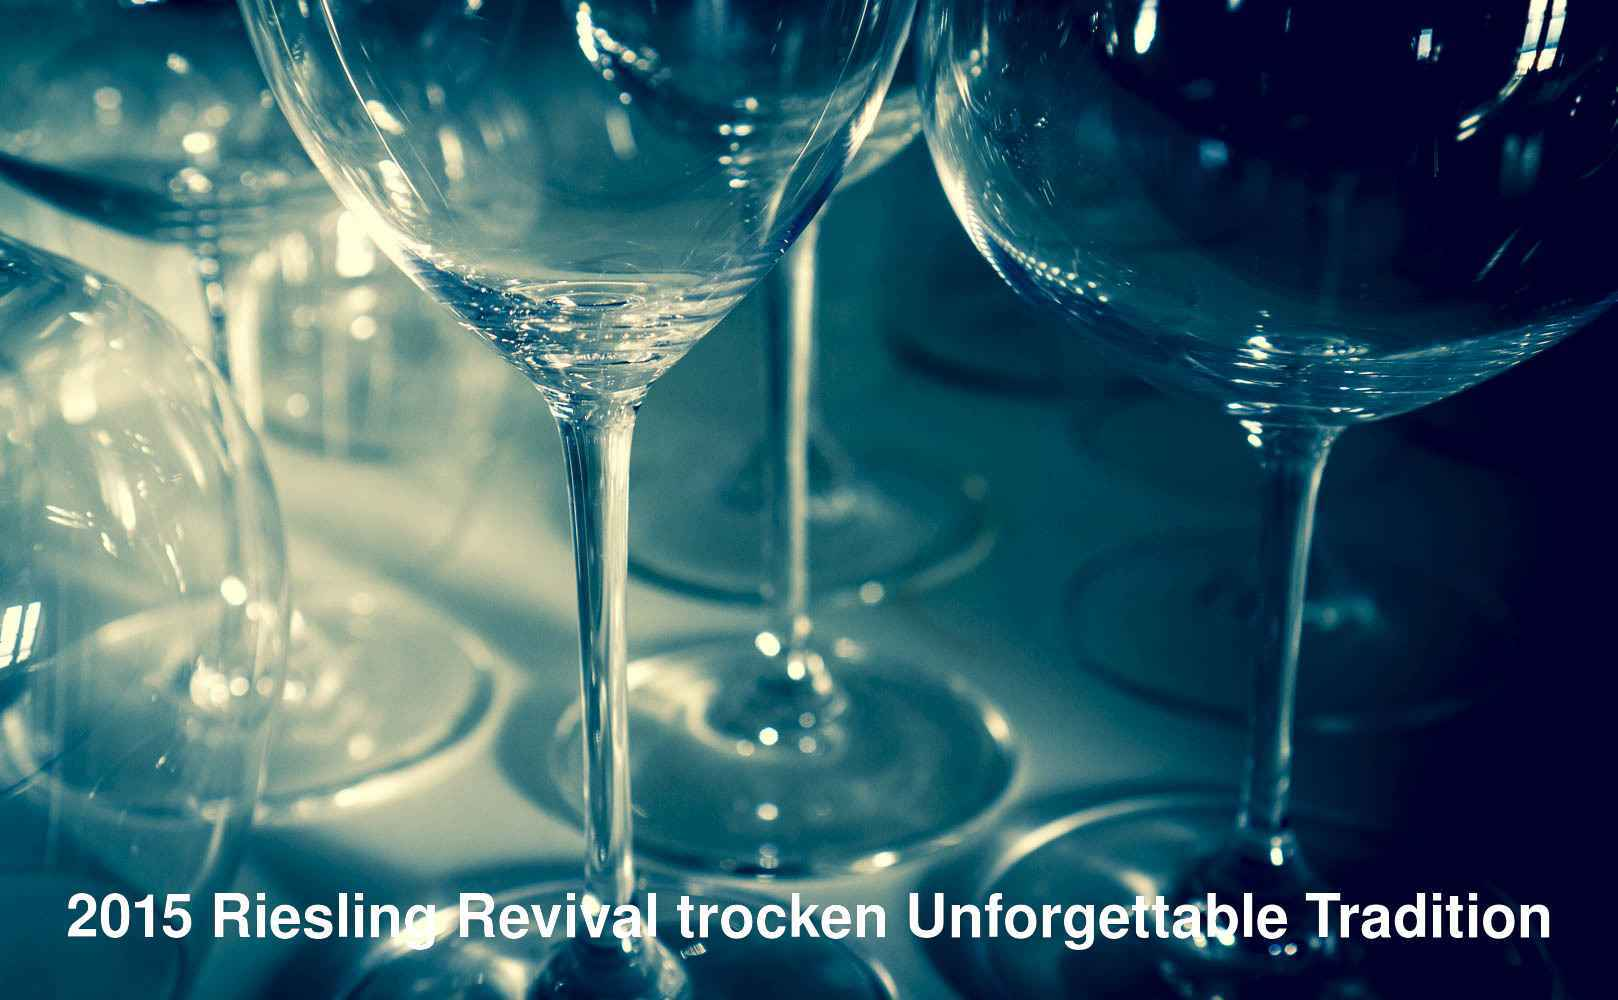 Go to 2015 Riesling Revival trocken Unforgettable Tradition von Martin Müllen aus Mosel, Deutschland